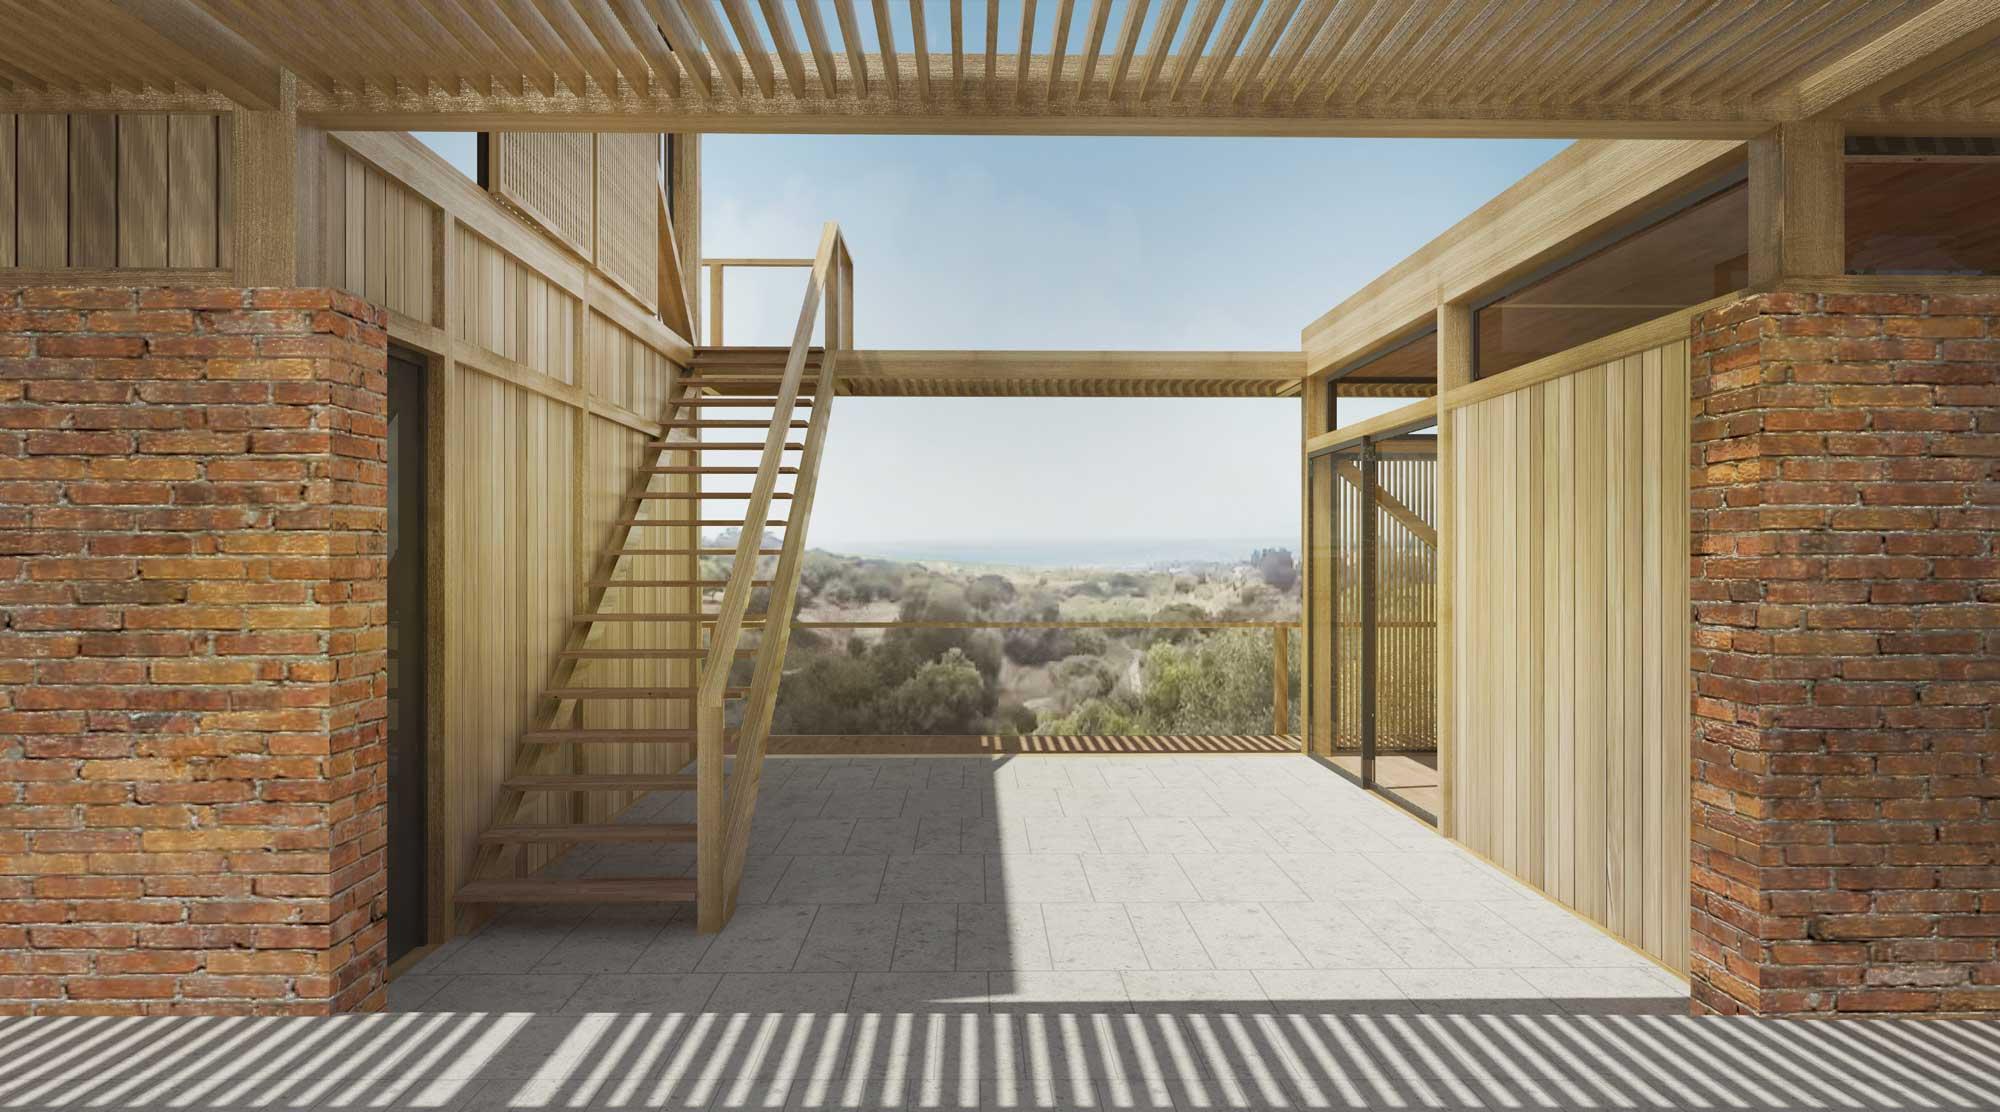 16_in-between-space-of-art-residencies.jpg